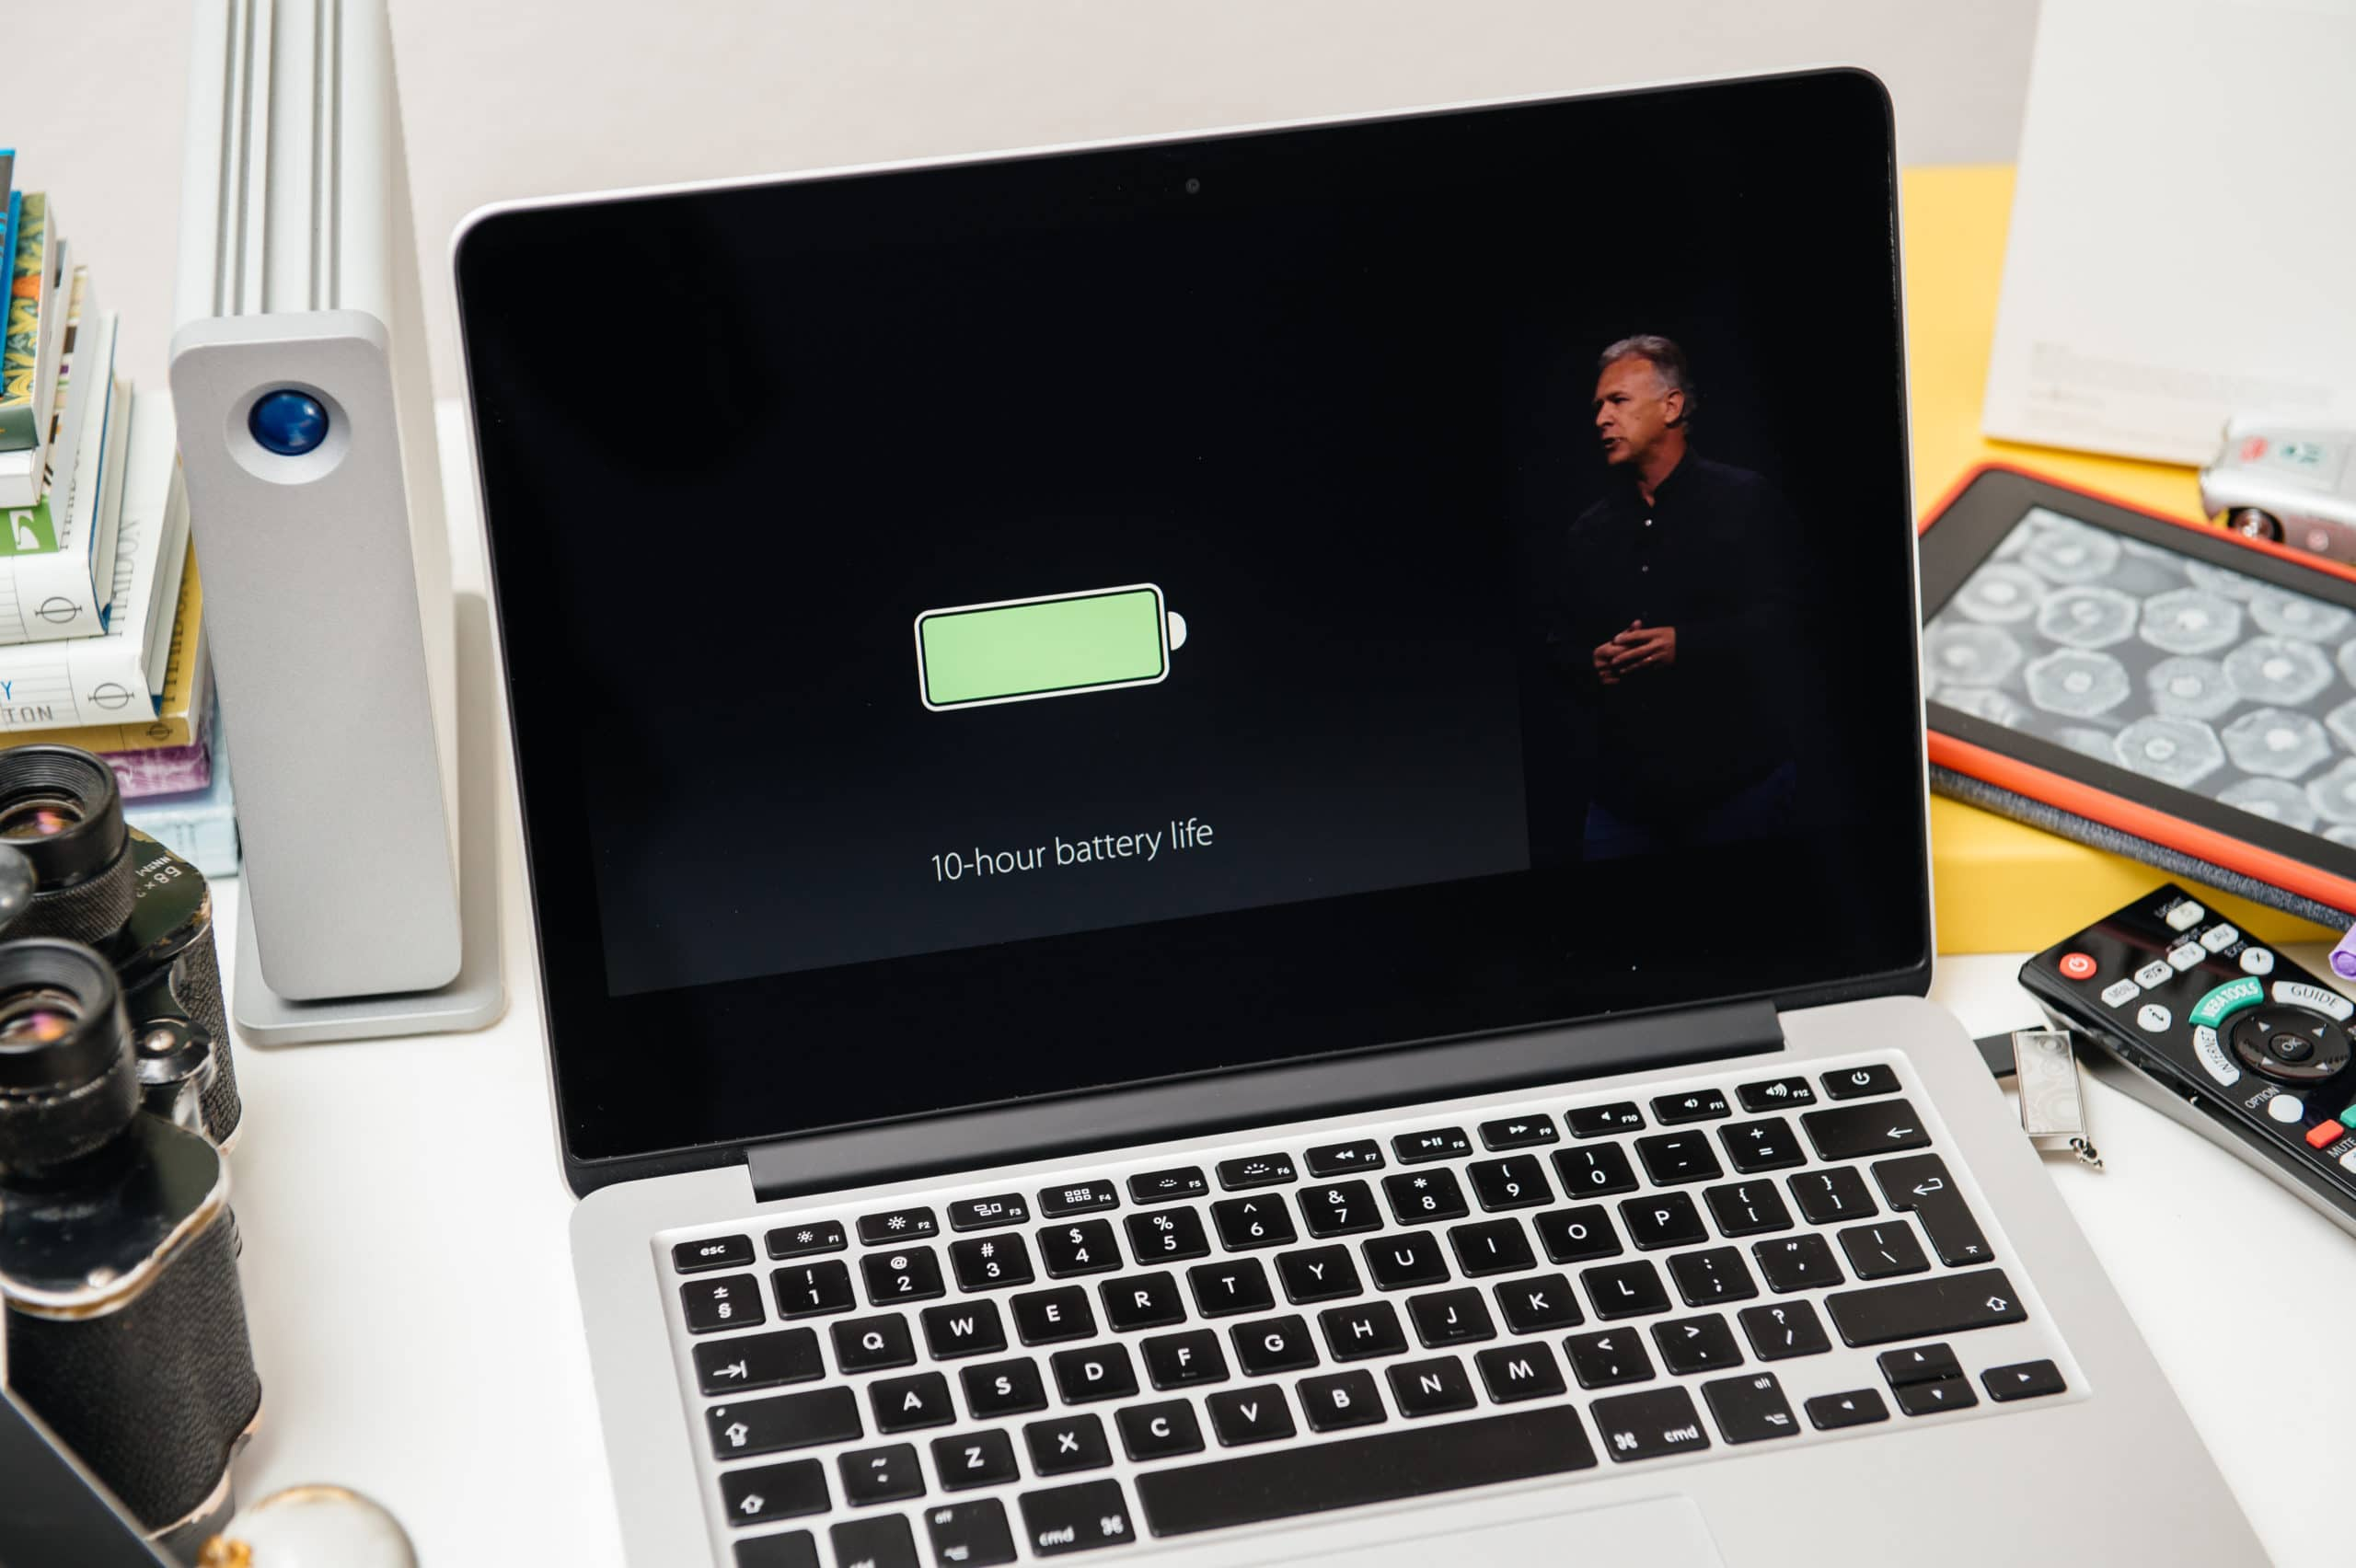 MacBook Pro mostrando apresentação da Apple (destaque para bateria)